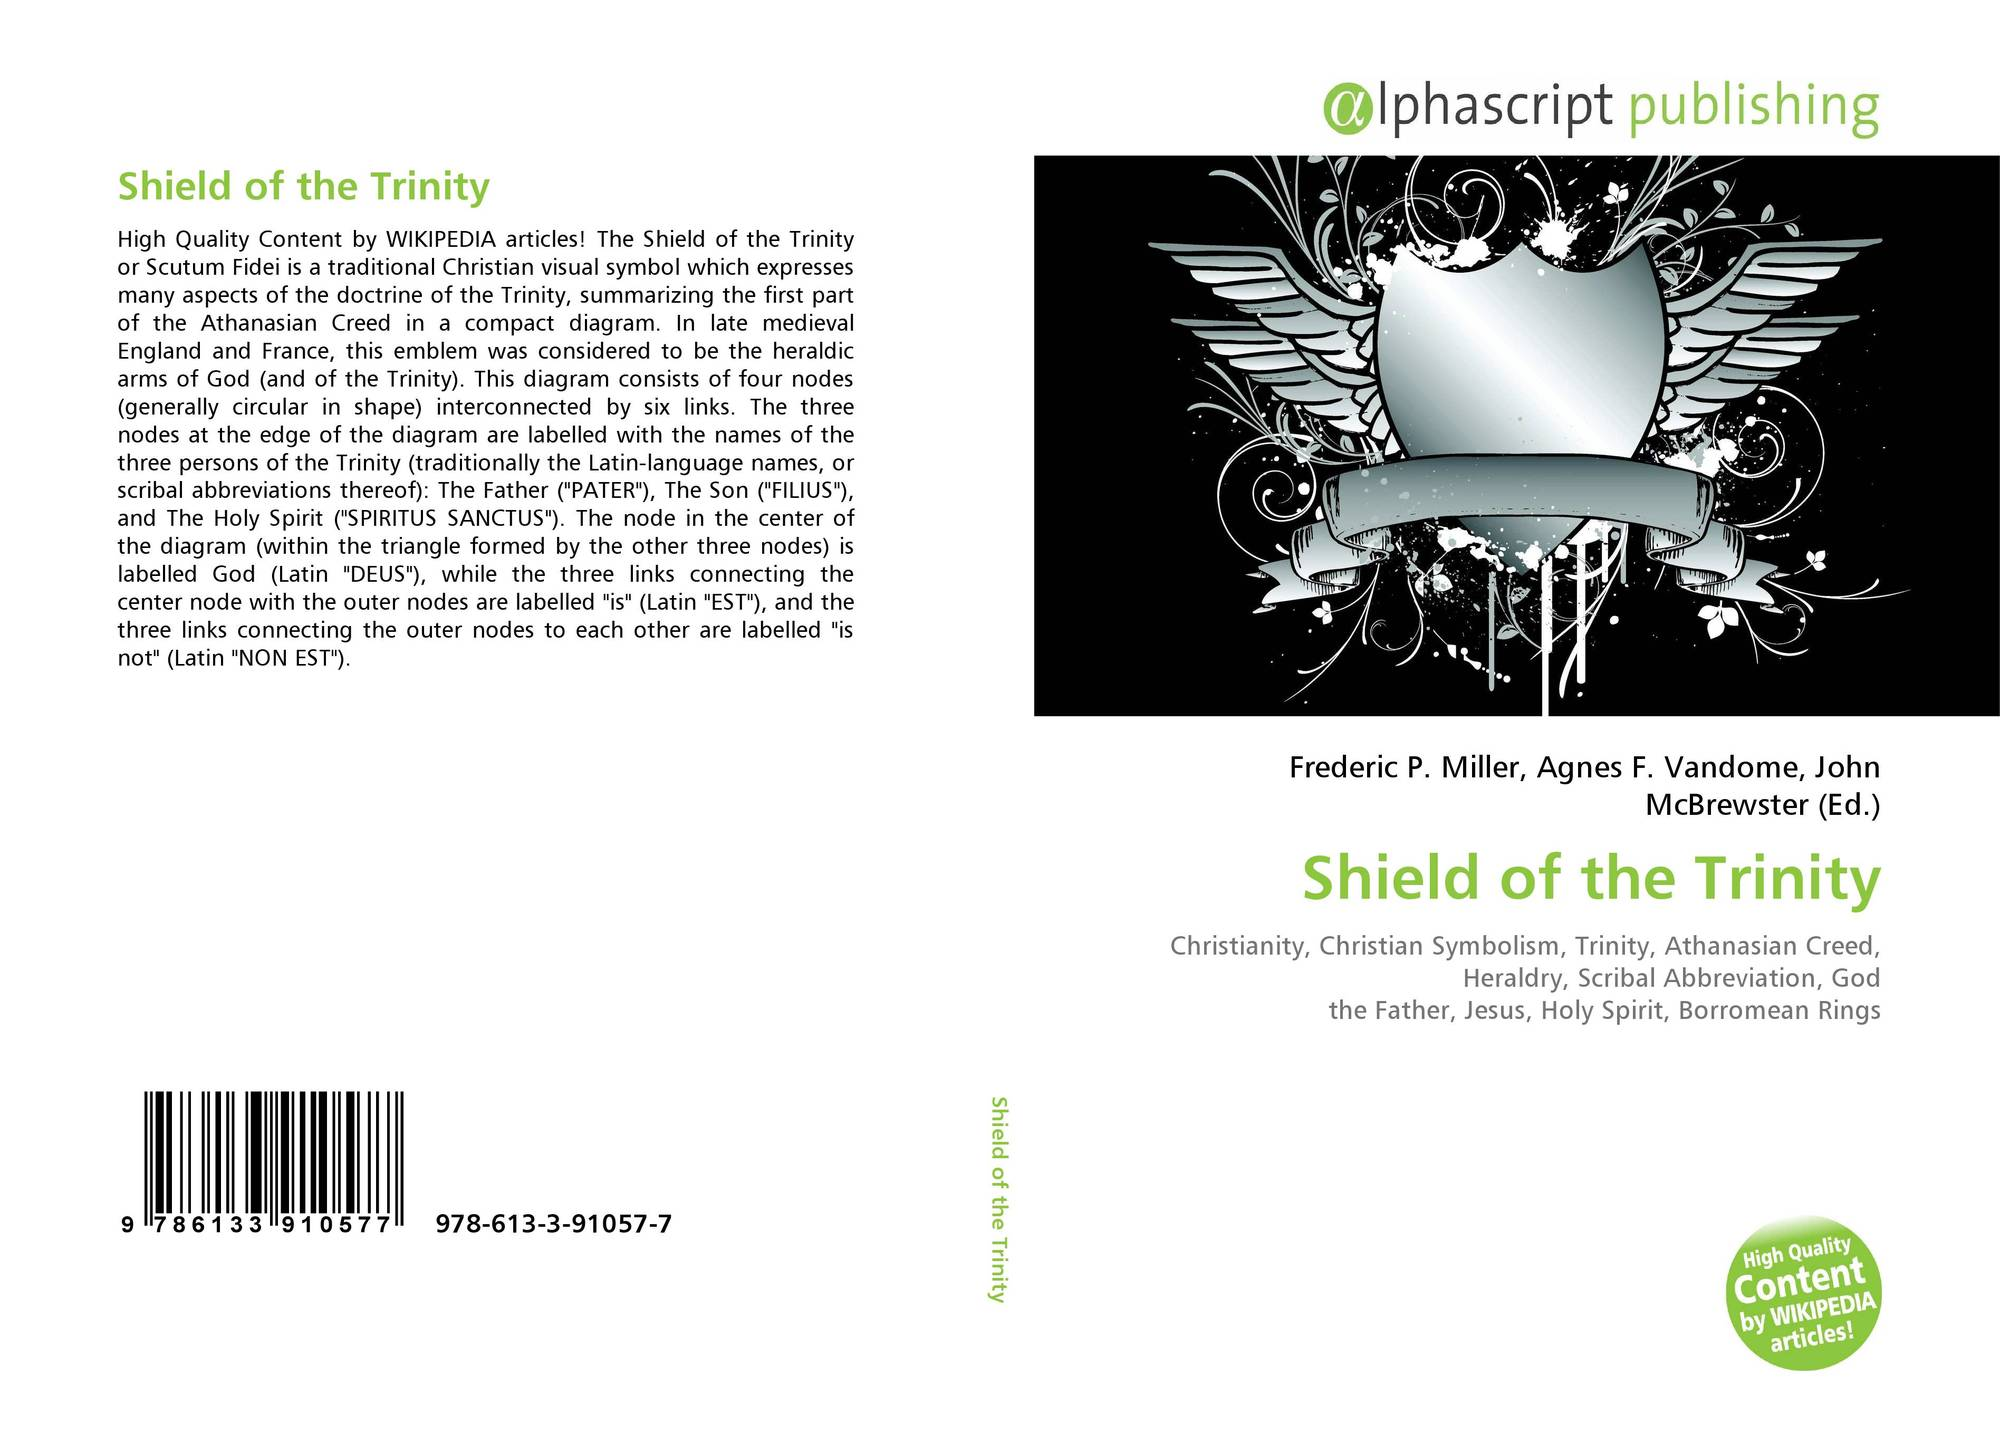 Shield Of The Trinity 978 613 3 91057 7 6133910577 9786133910577